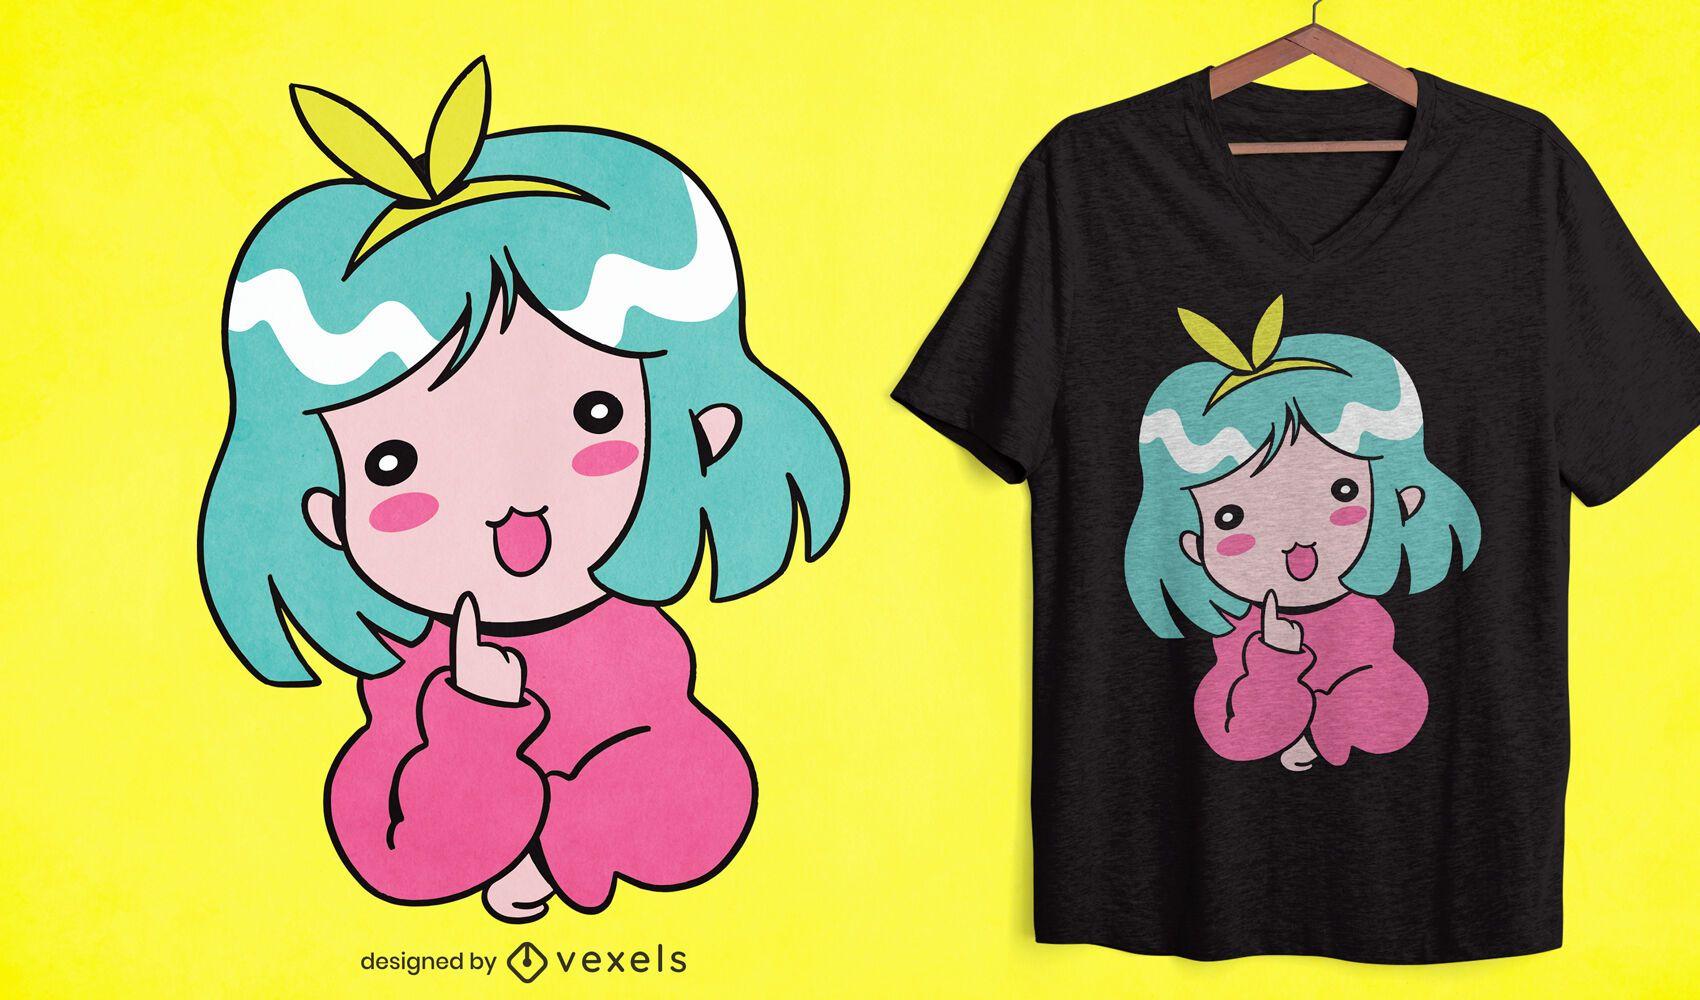 Diseño de camiseta de anime girl